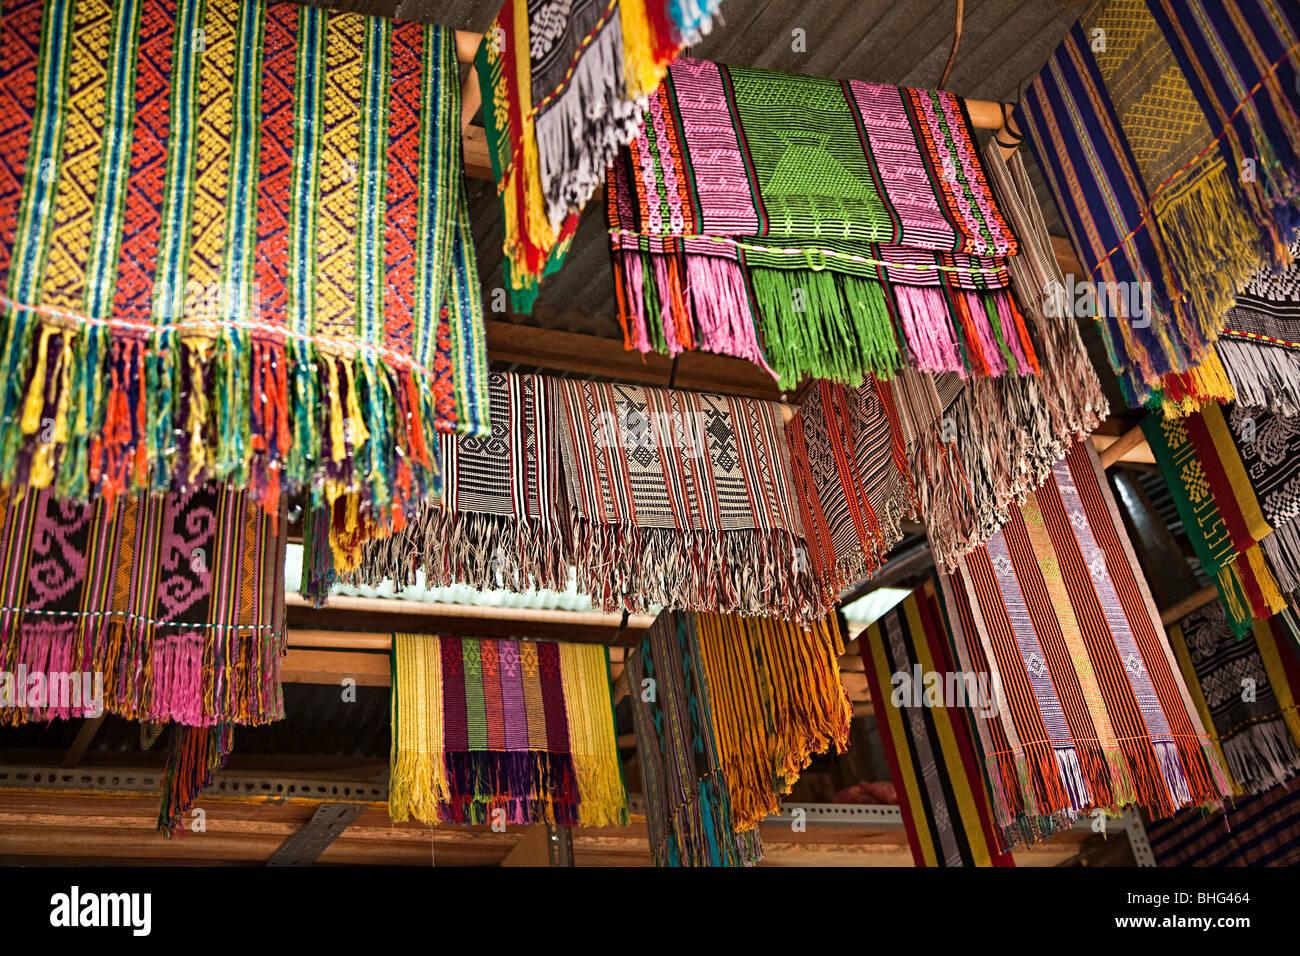 Tais nel mercato di Dili Timor orientaleFoto Stock